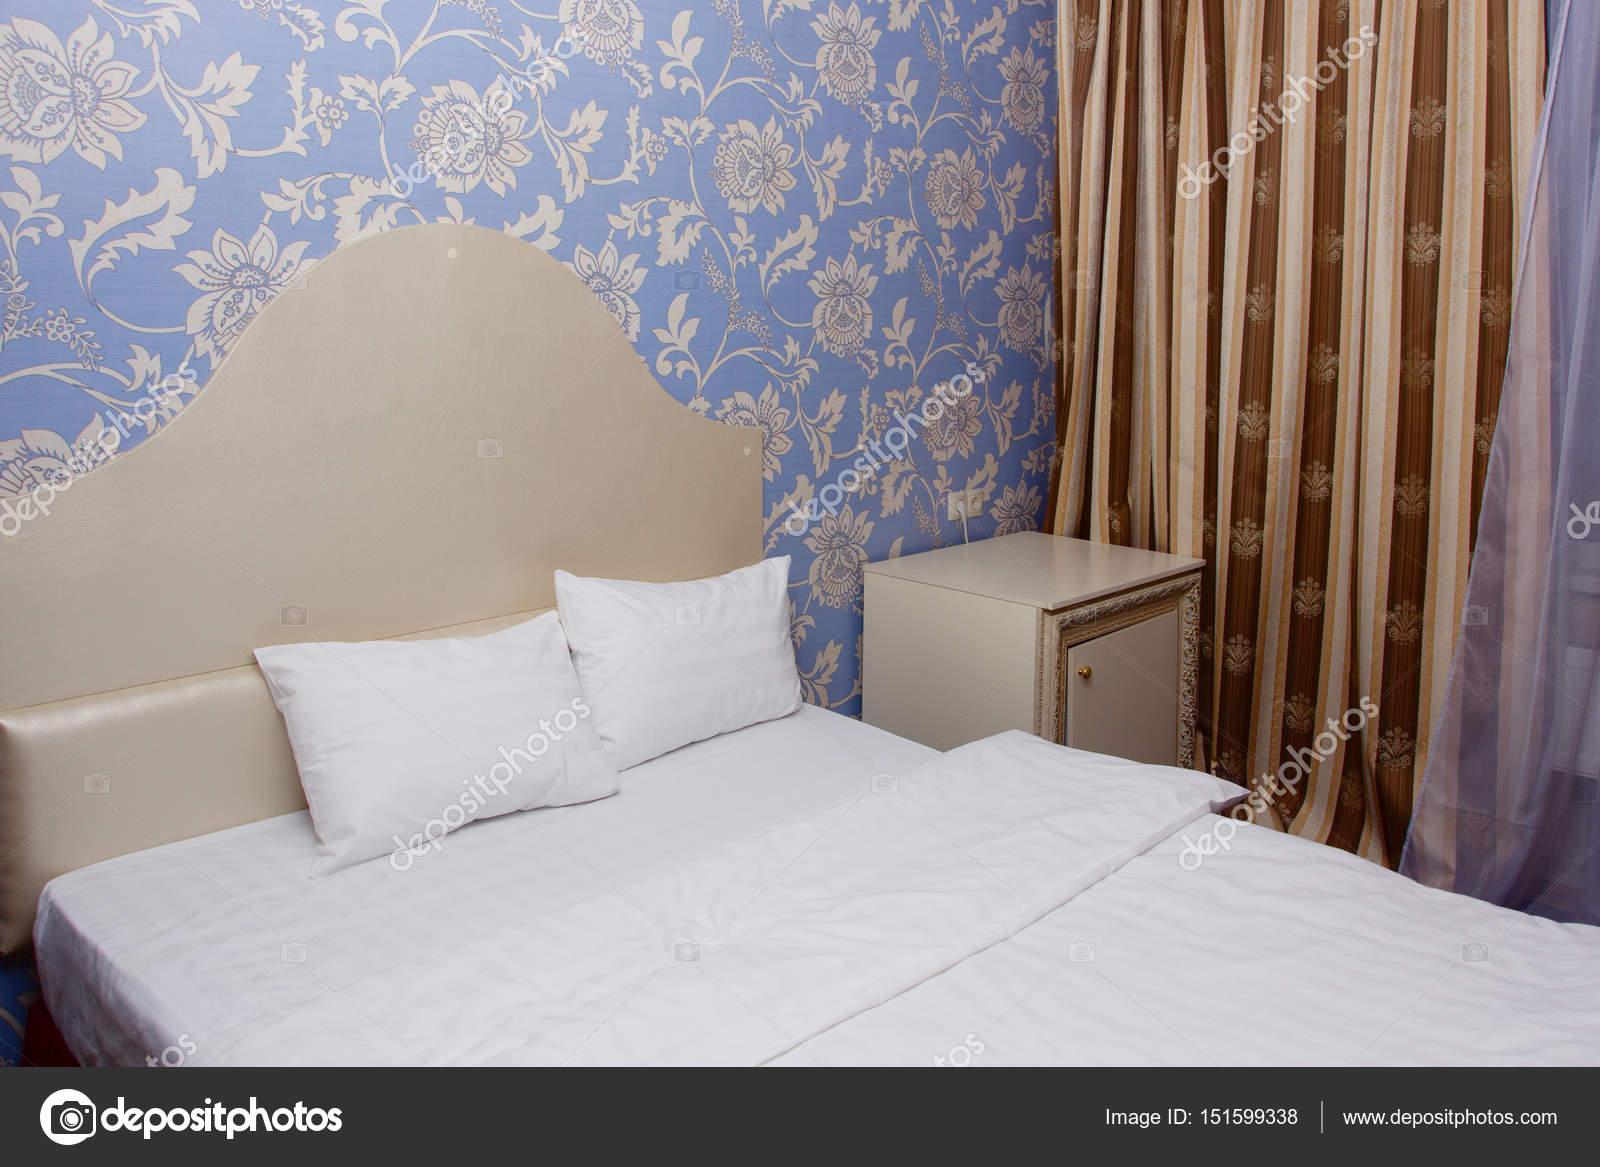 Een luxe slaapkamer in de vintage stijl — Stockfoto © Demian #151599338